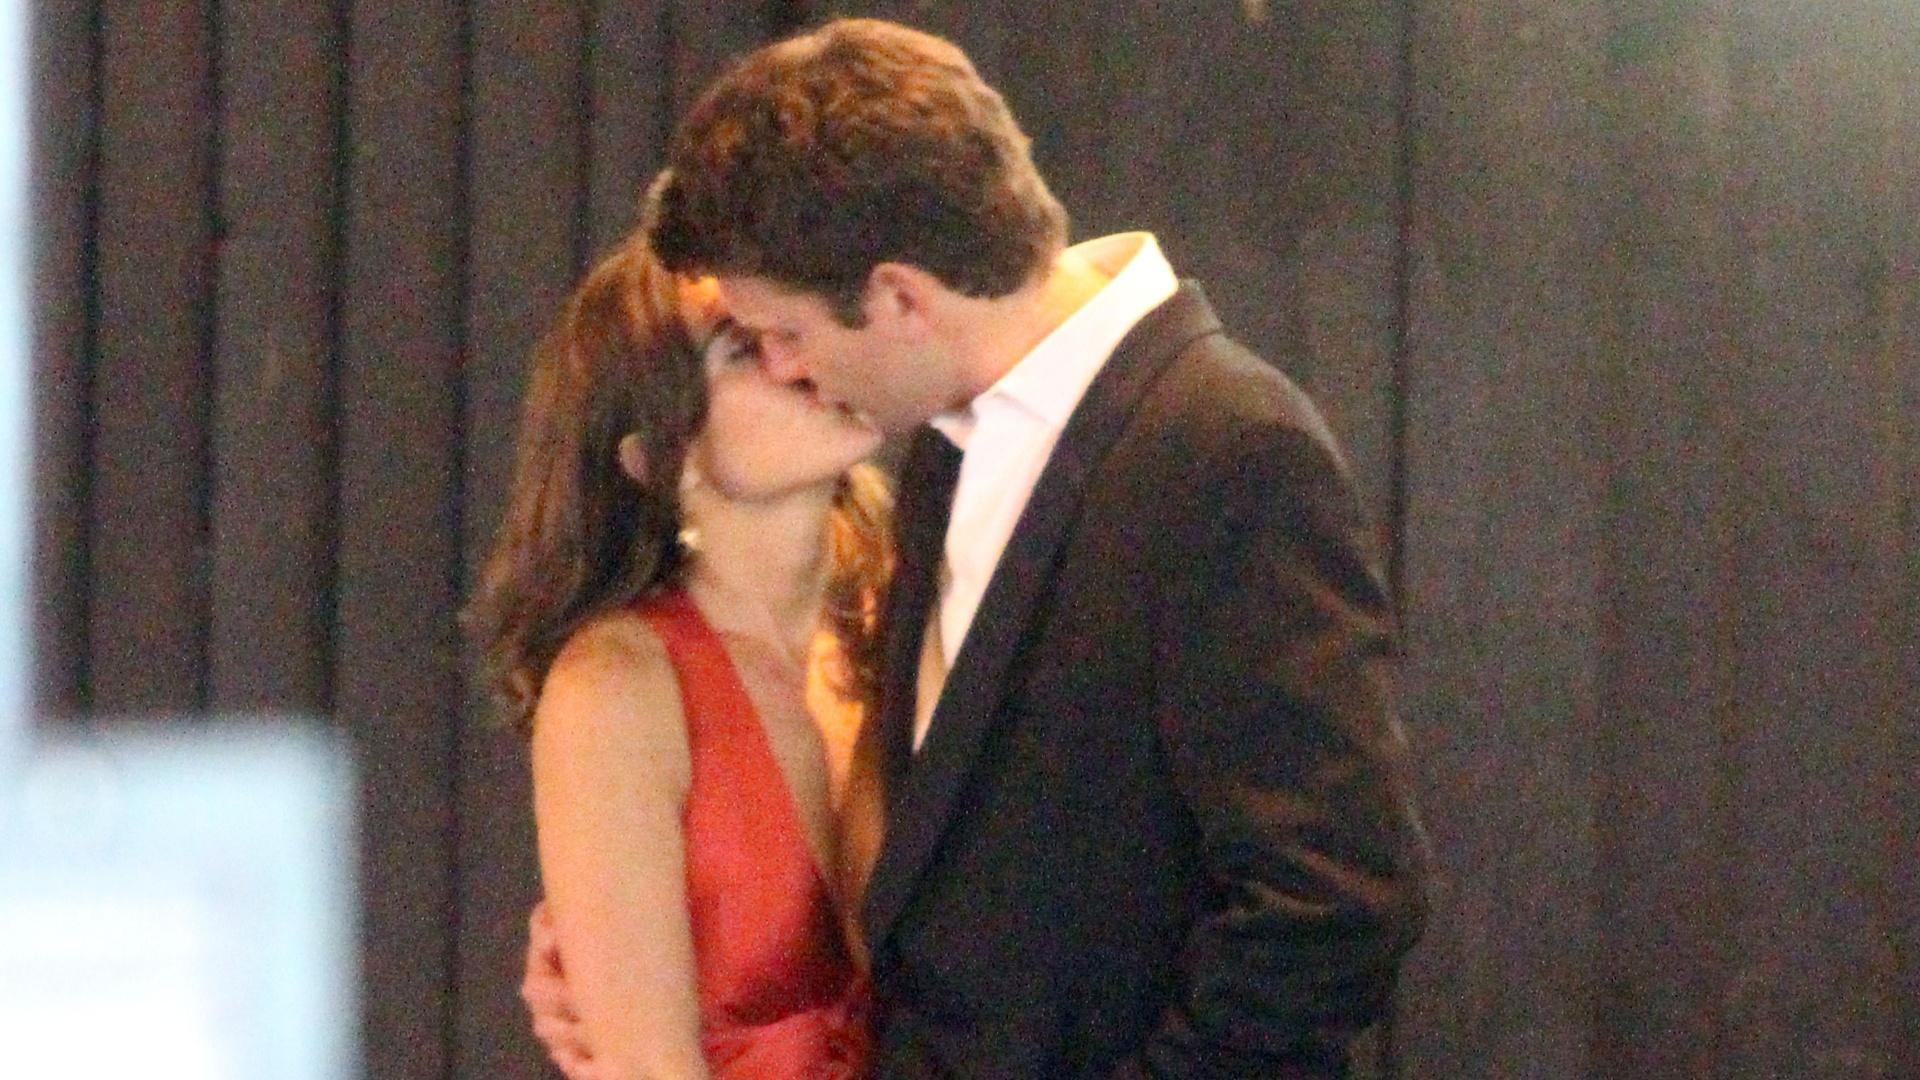 Em clima de romance, Pippa Middleton e o namorado Alex Loudon se beijam (3/10/11)